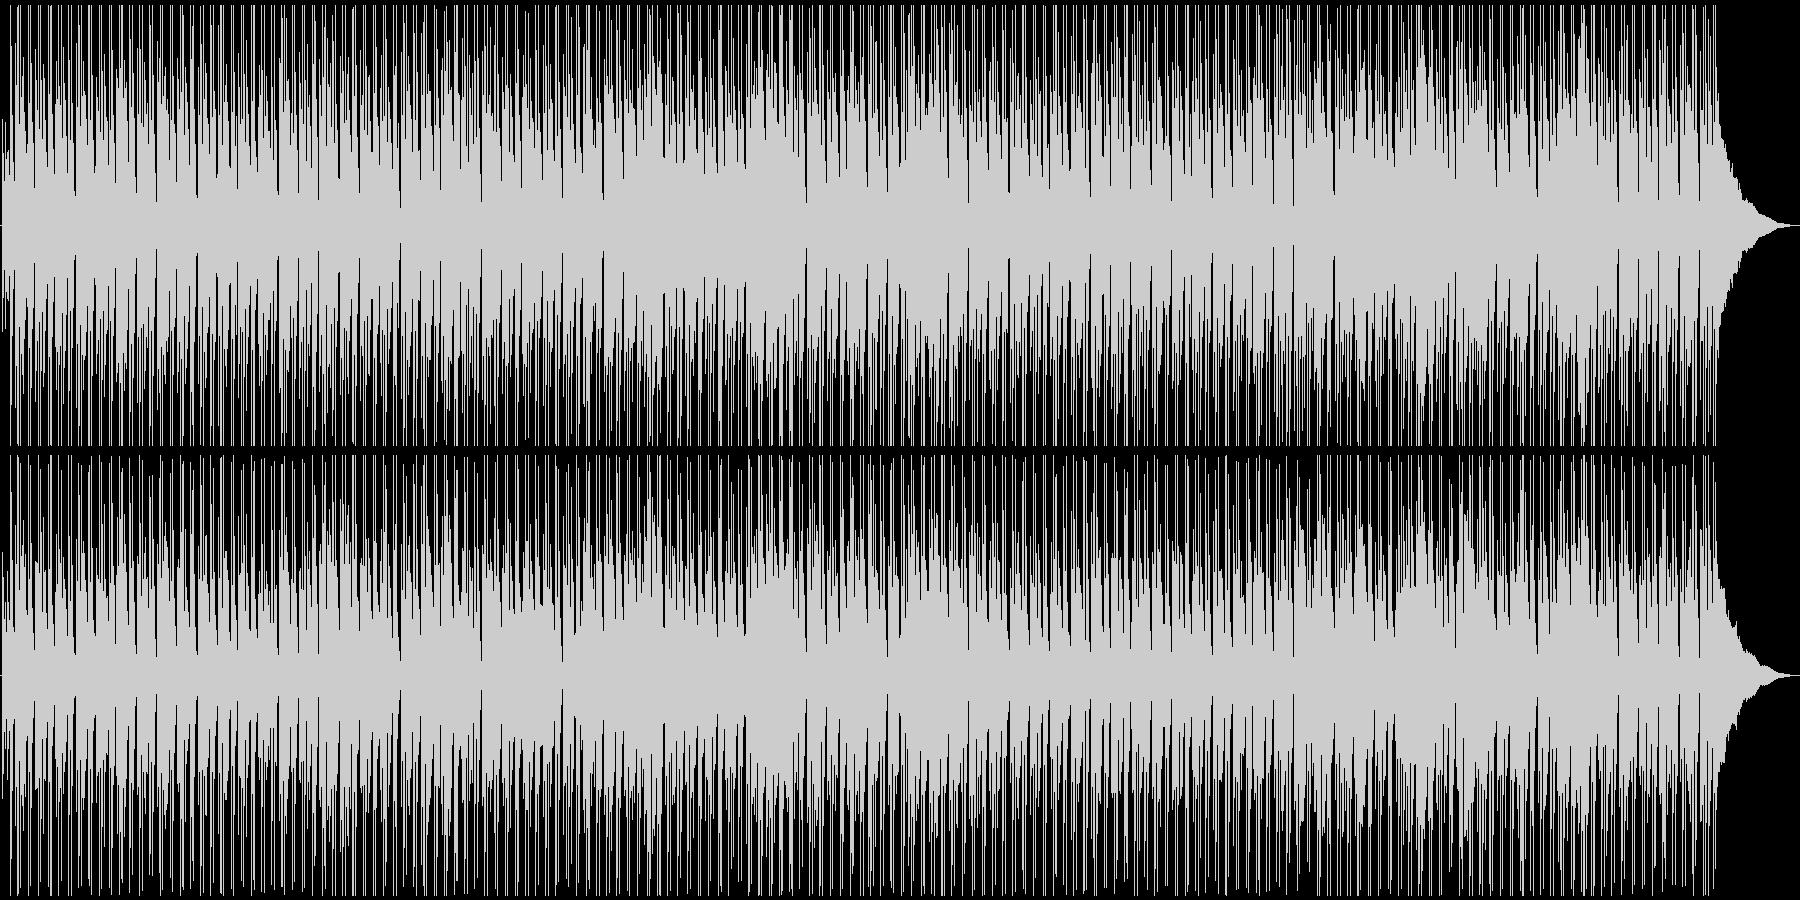 ボサノバ風・ほのぼのとしたBGMの未再生の波形